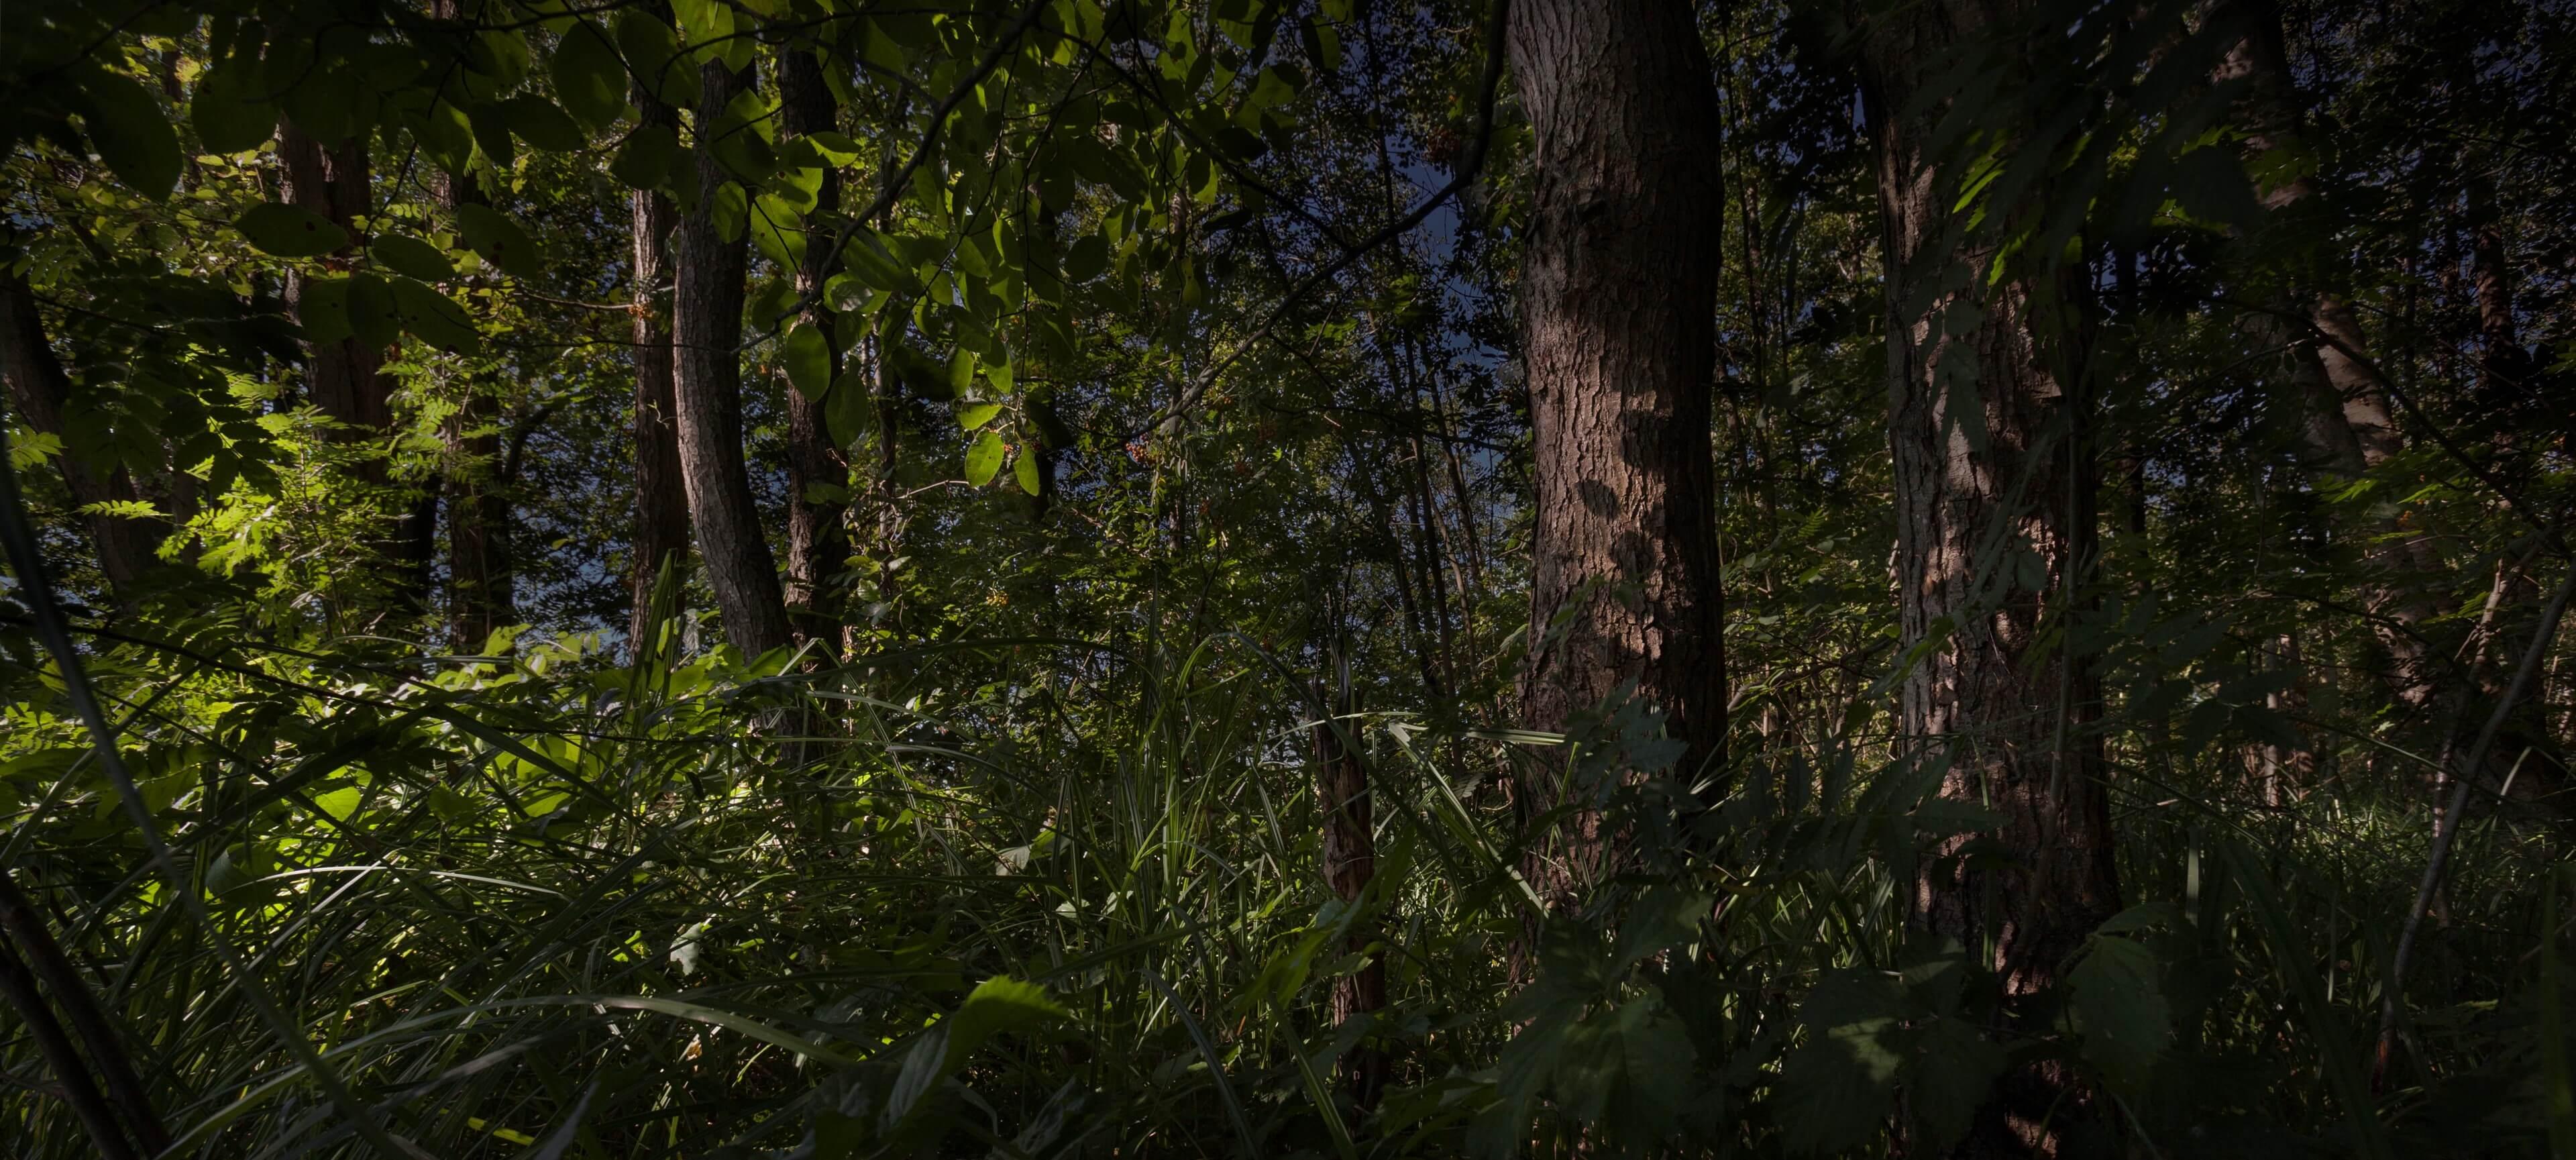 Jur Jurjen Poeles Fotografie Giethoorn natuur dageraad Kop van Overijssel vrij werk vrijwerk kunst kunstfotografie